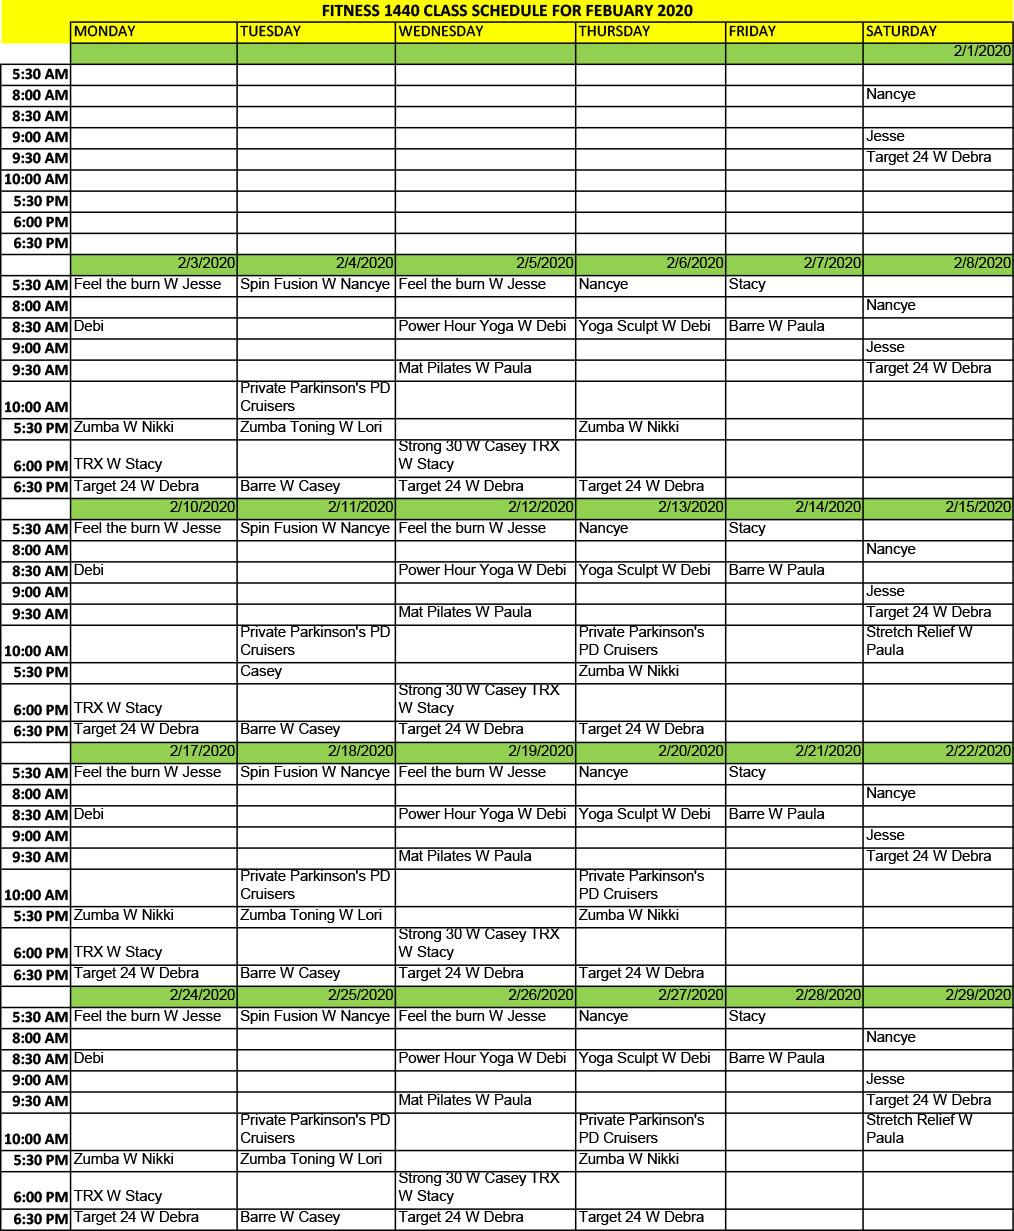 February 2020 Schedule